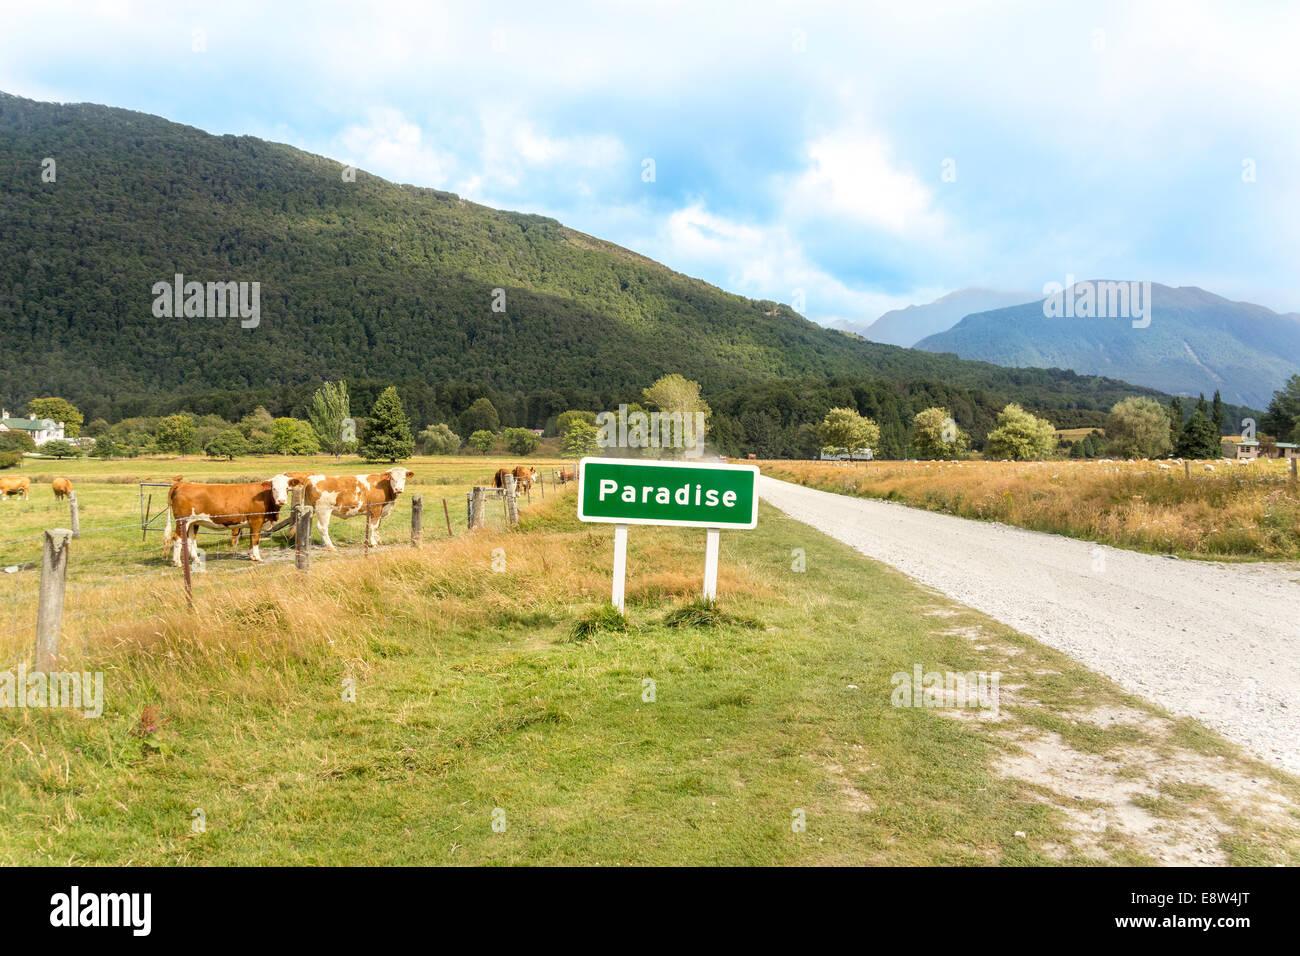 Il paradiso è una pastorale luogo rurale nella regione di Otago dell'Isola Sud della Nuova Zelanda. Cartello Immagini Stock